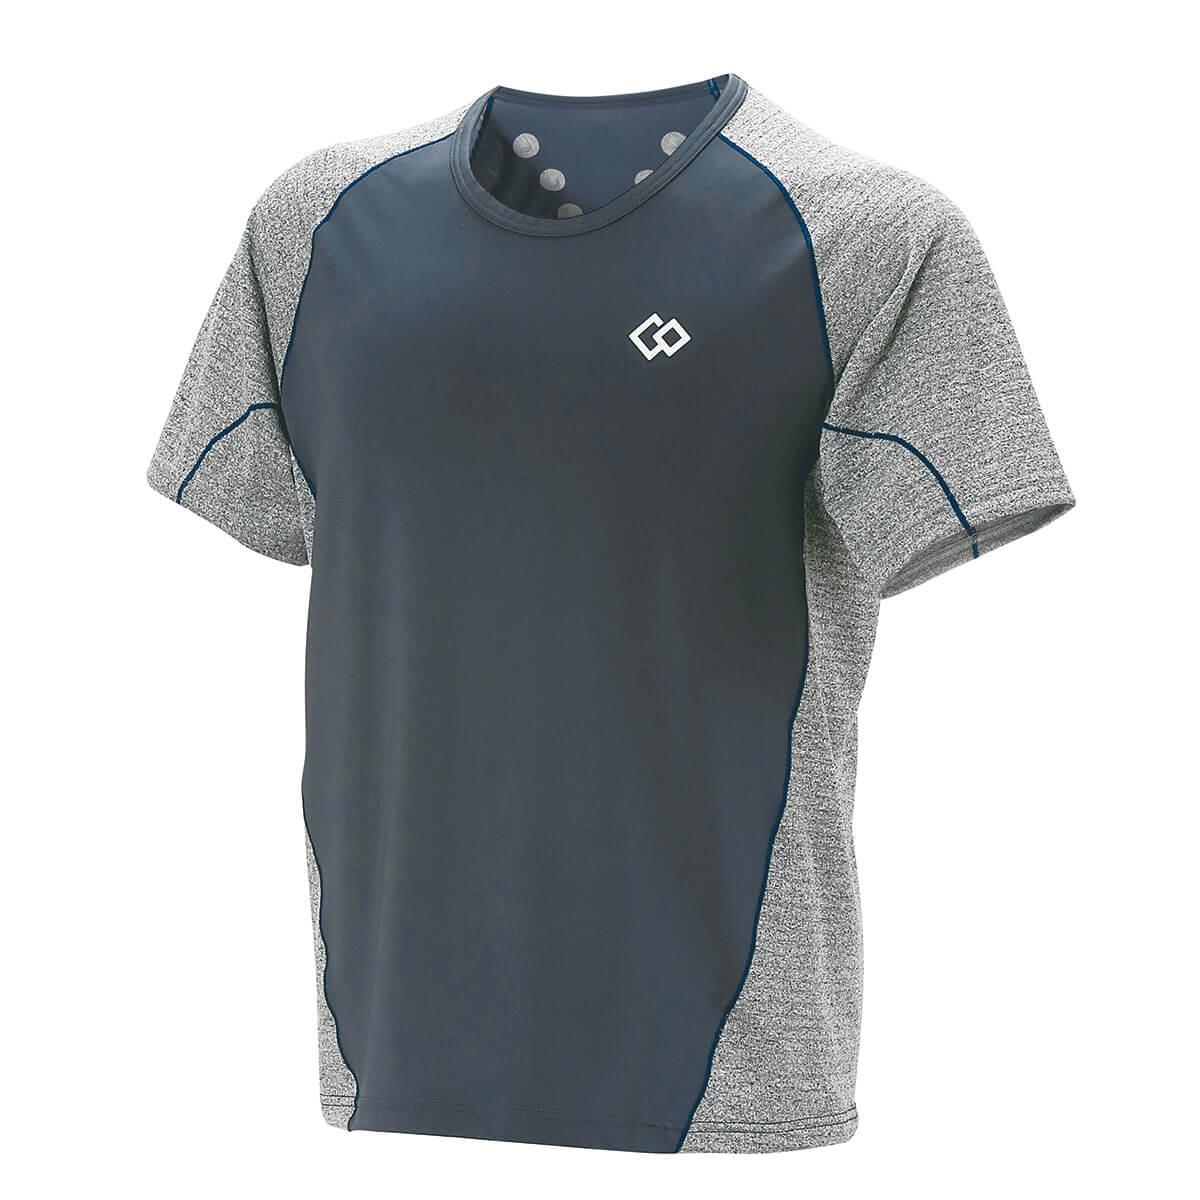 コラントッテRESNO スイッチングシャツ ショートスリーブ MEN'S